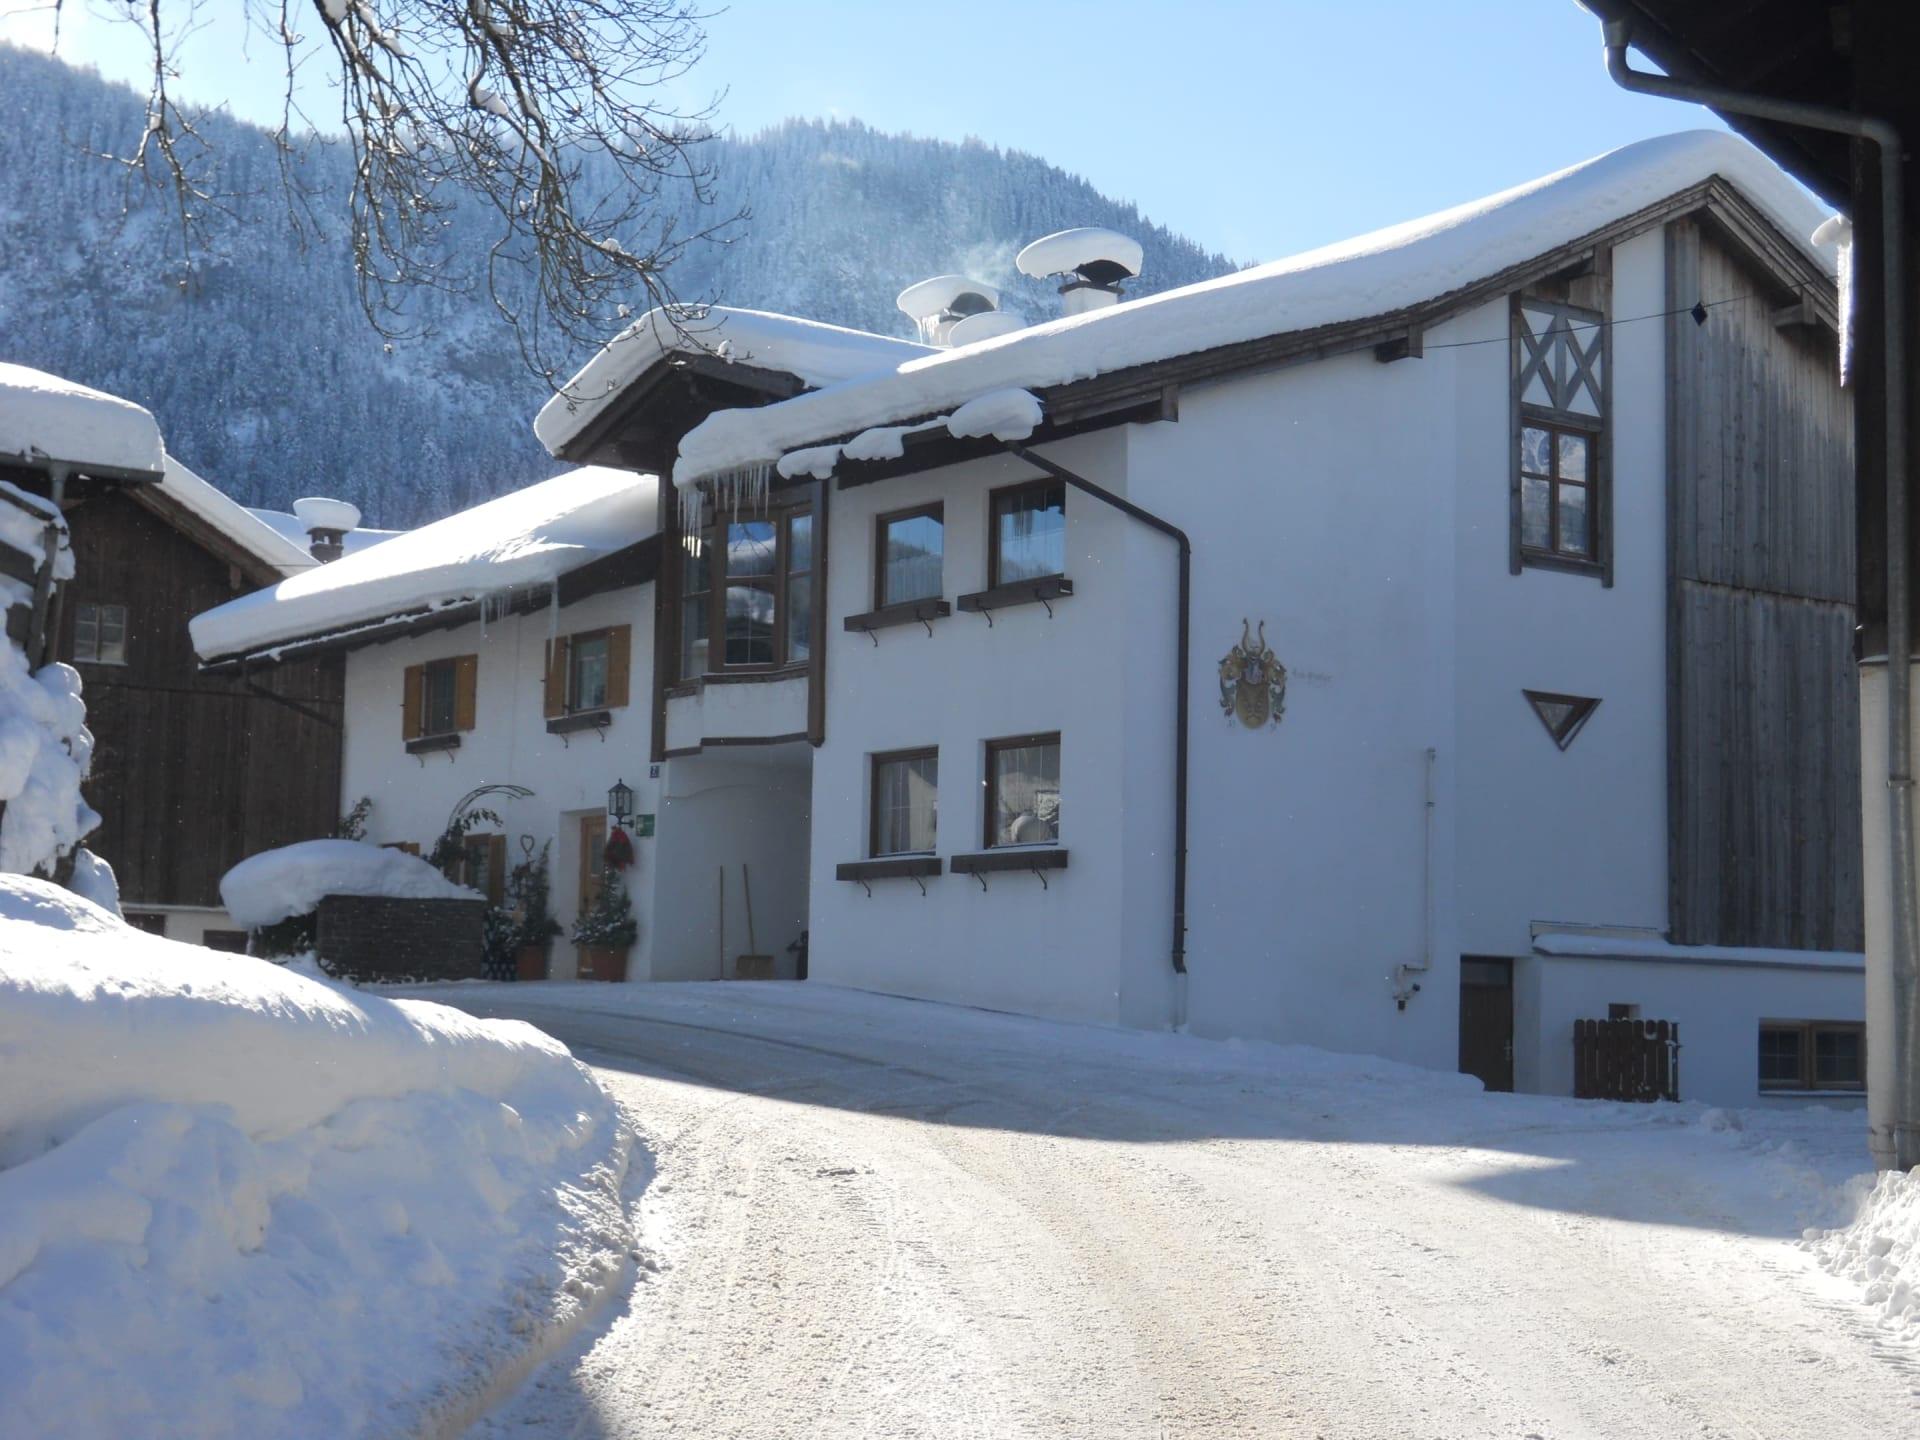 Winter Gintherhof